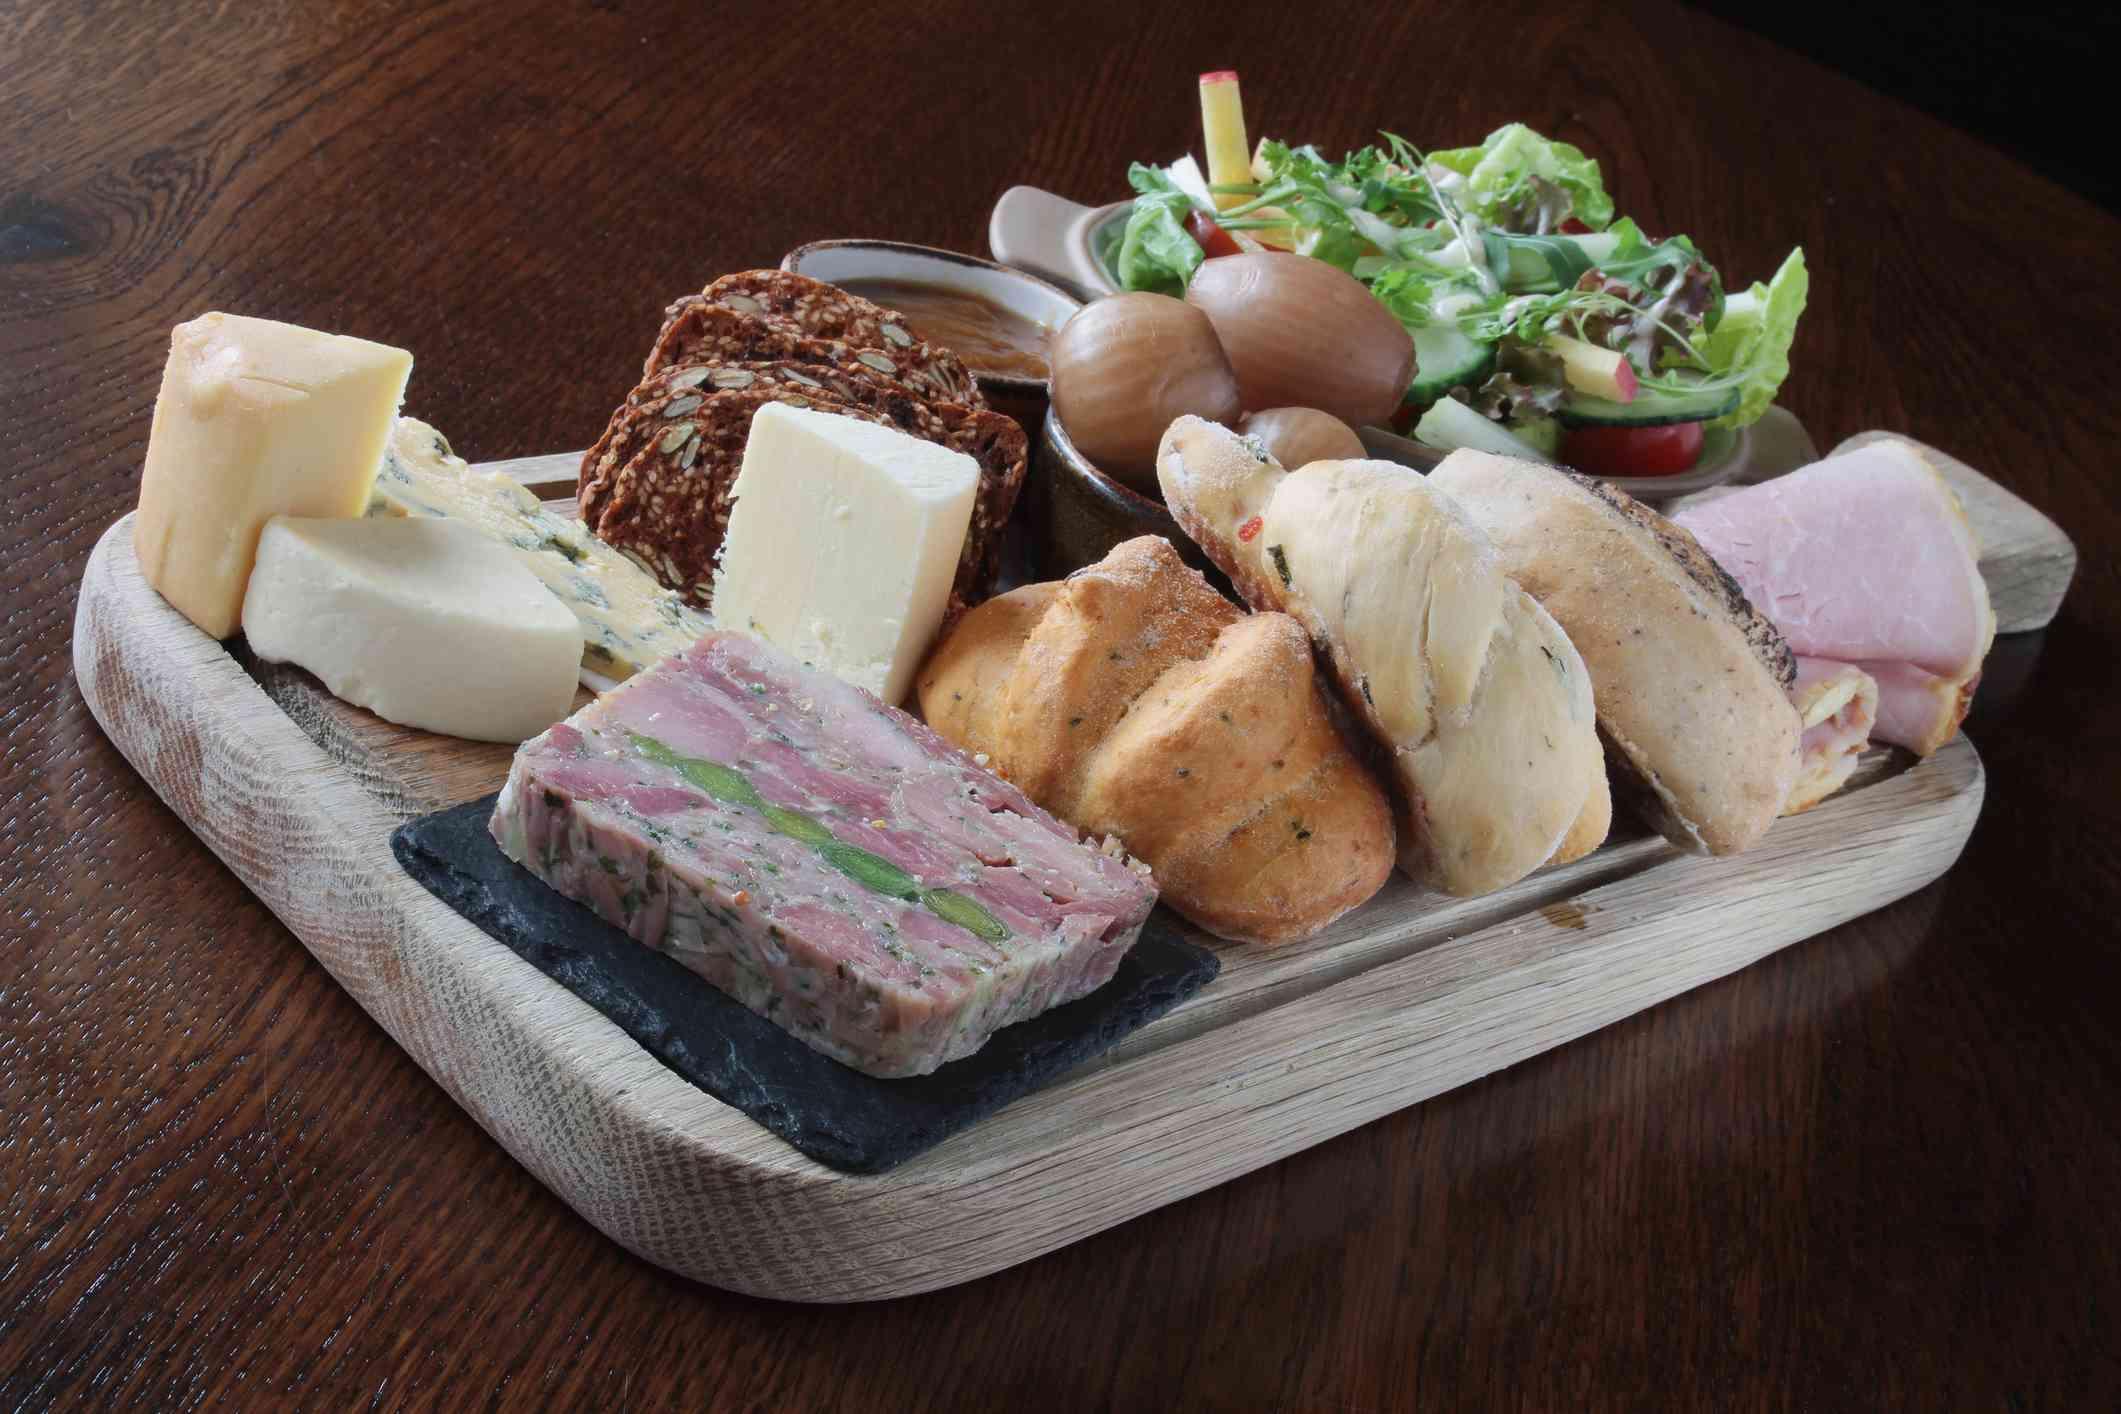 Ploughman's platter lunch